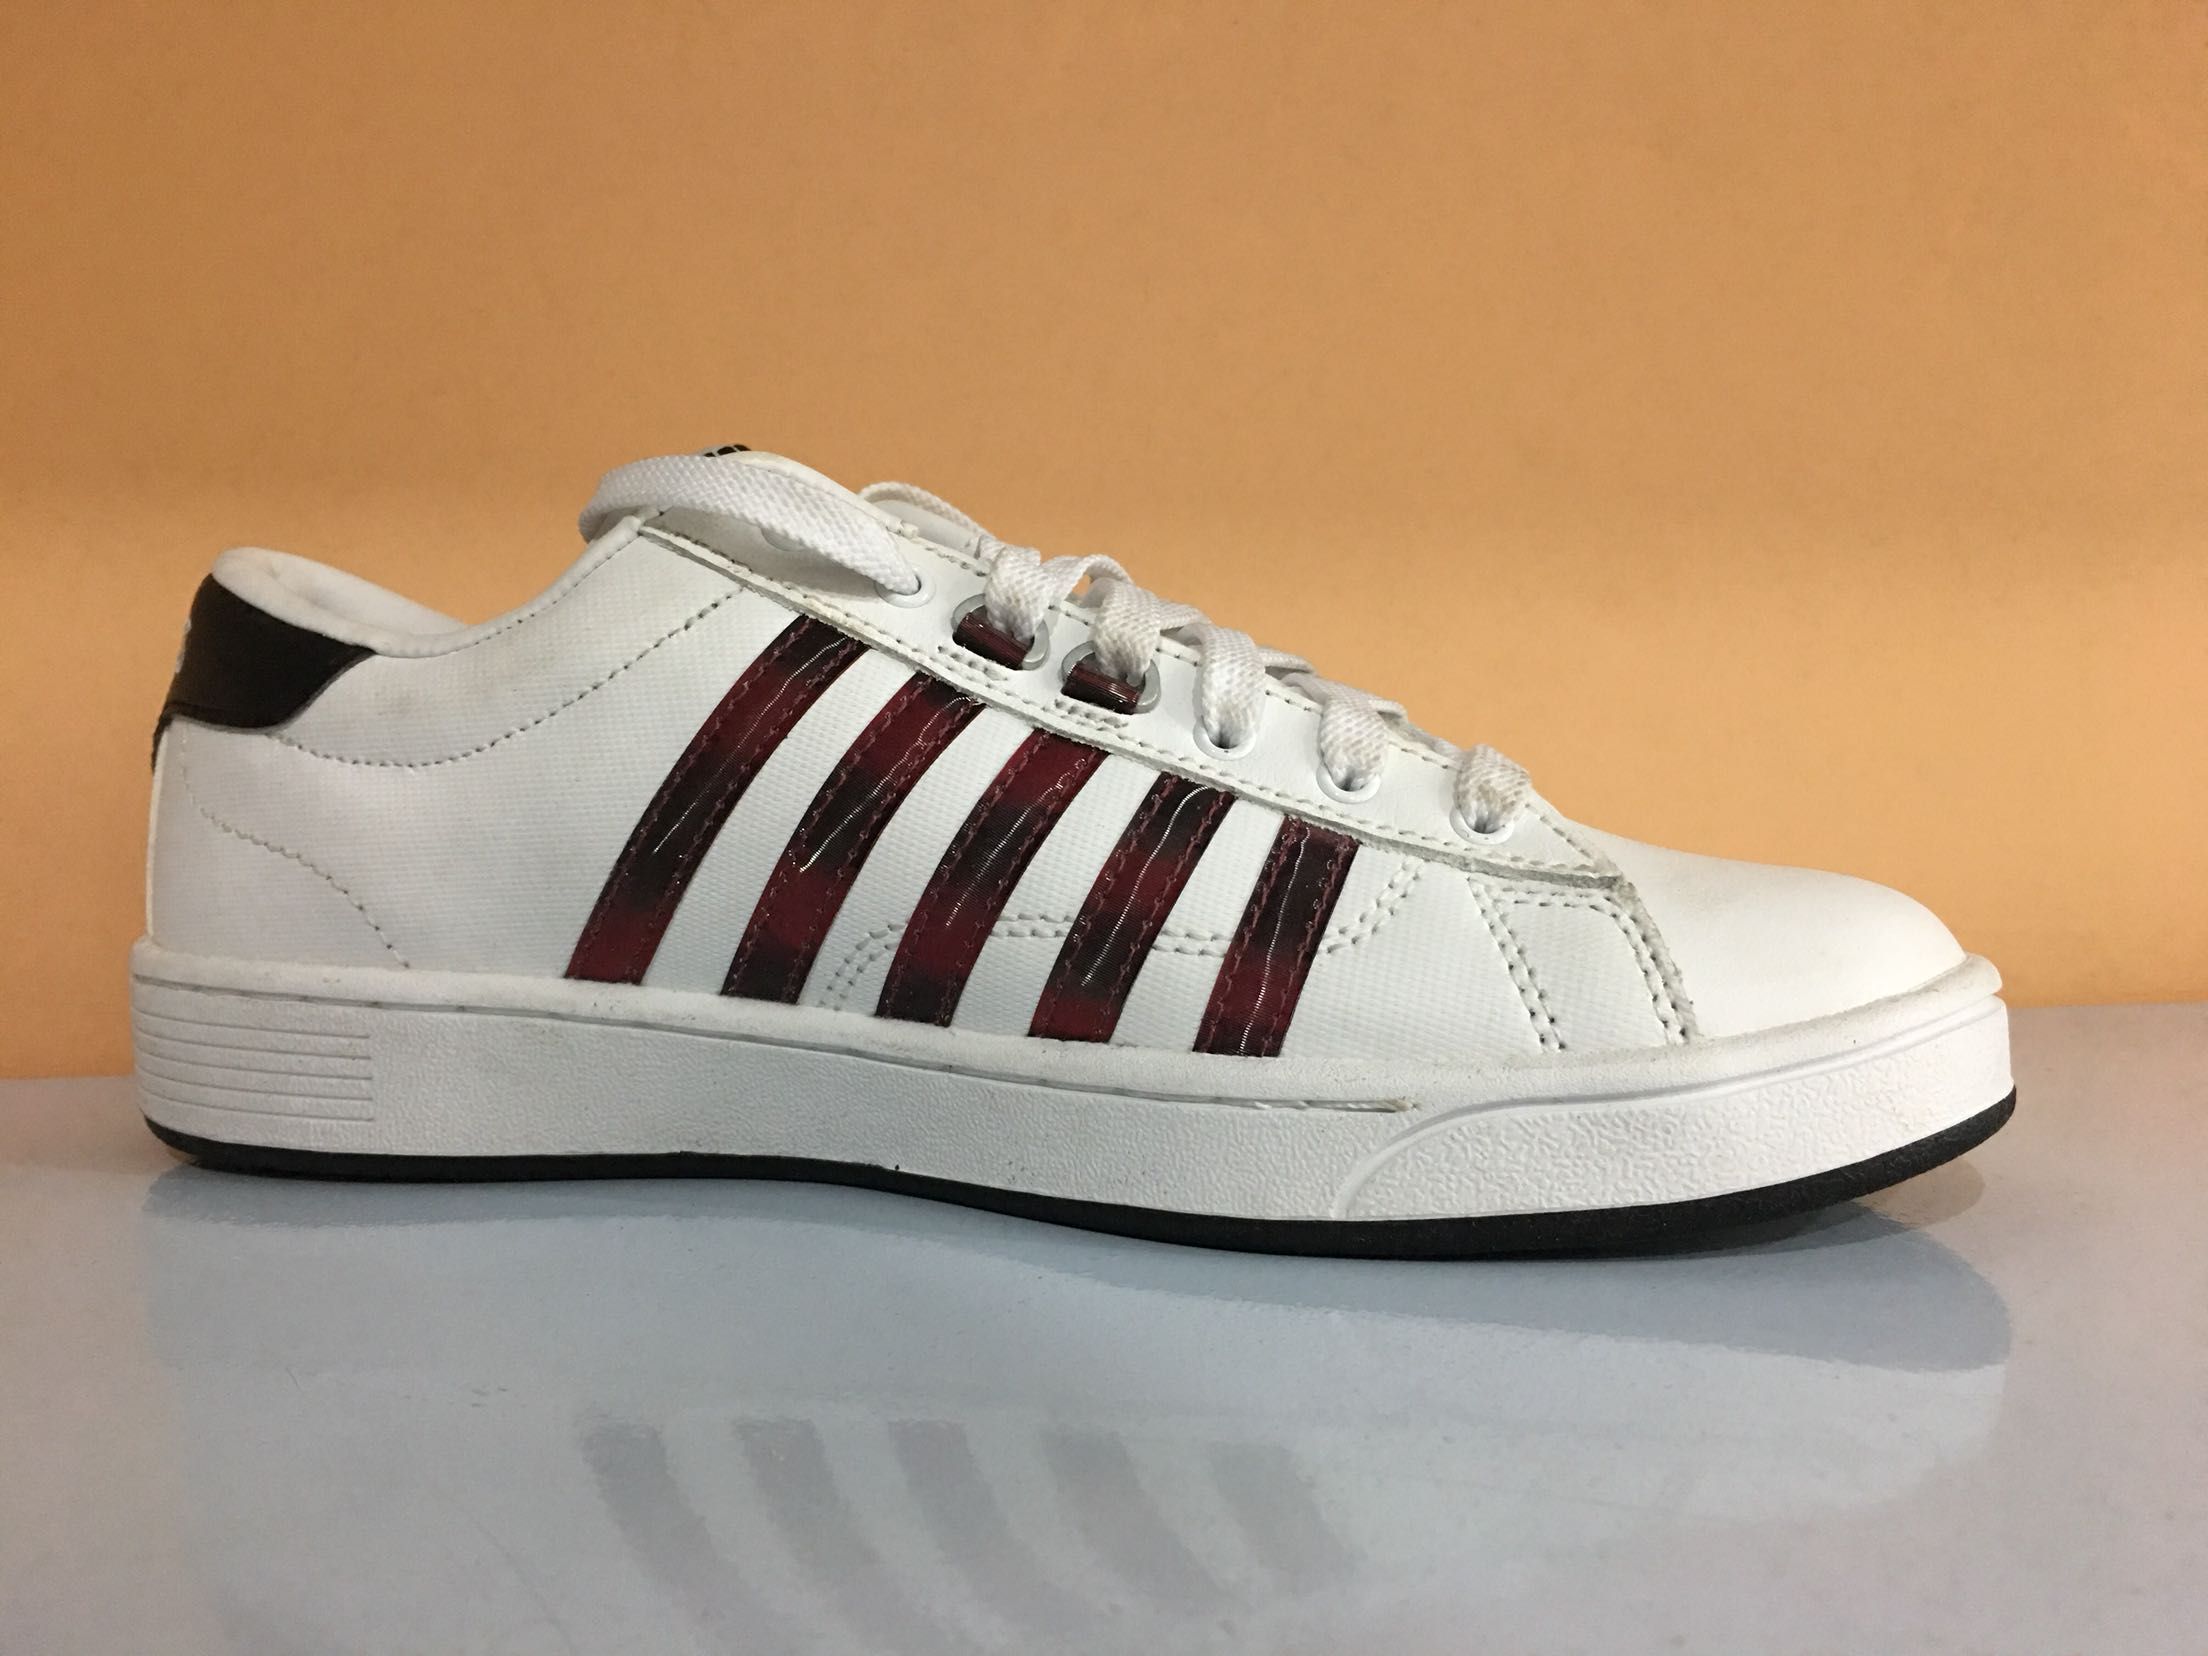 39 小白鞋 牛筋软底板鞋 威透气时尚耐磨休闲鞋 s 正品海外版盖